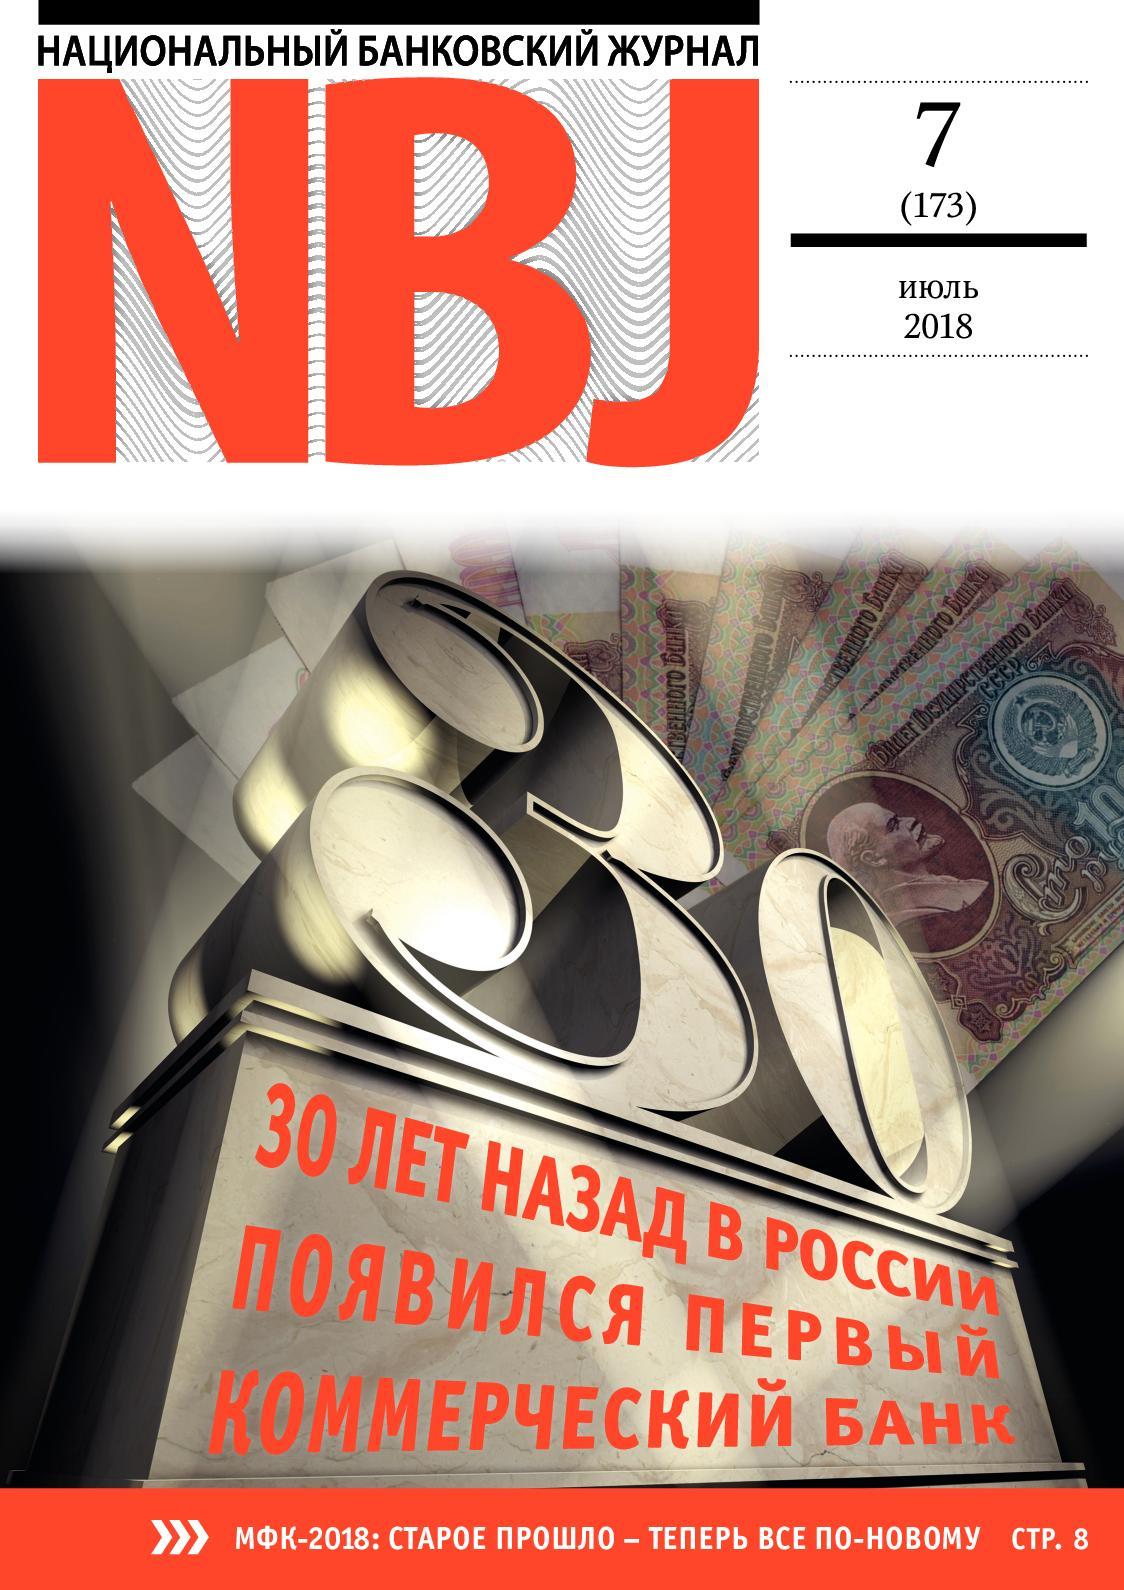 Национальный Банковский Журнал_июль 2018 г.